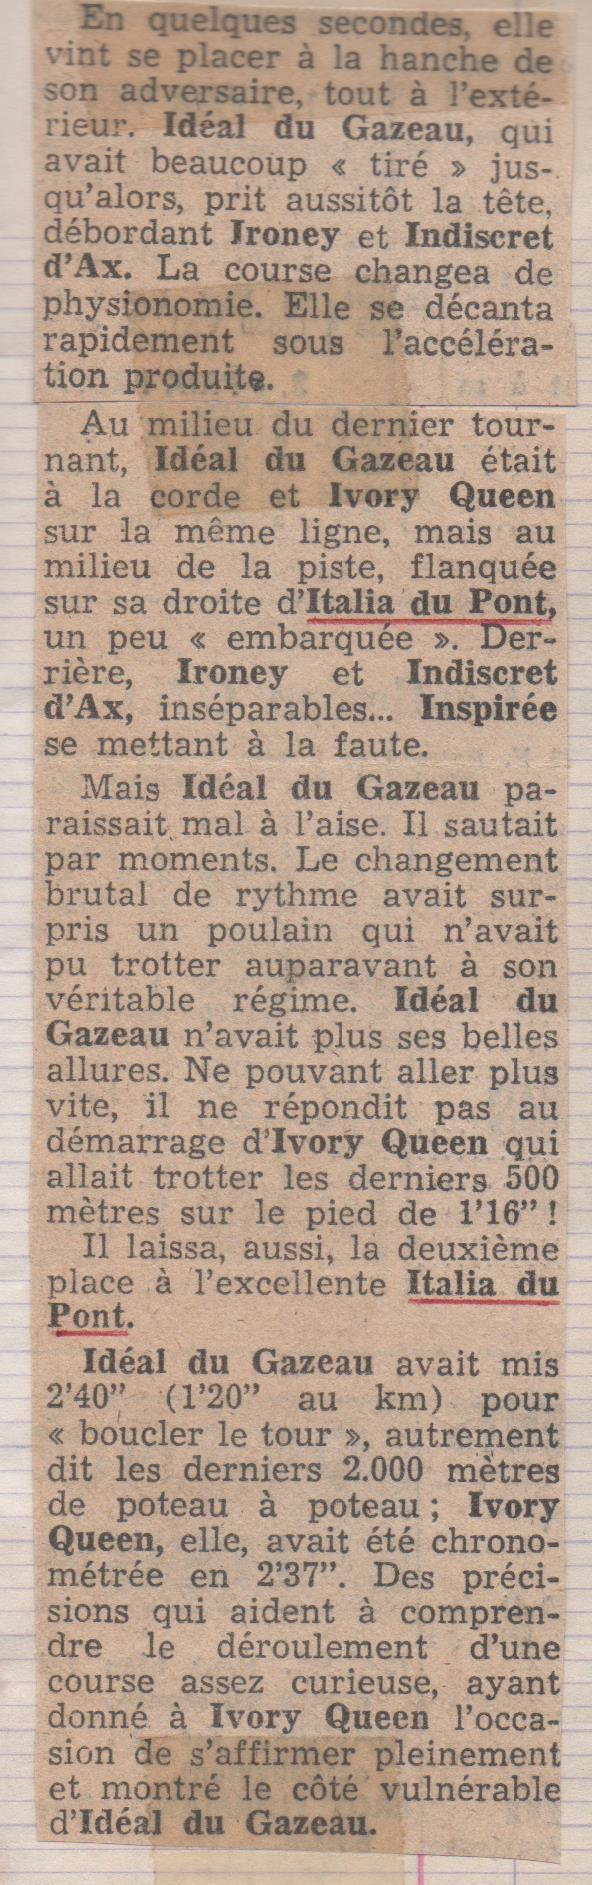 1977 Italia du Pont Criterium des 3 ans (2)